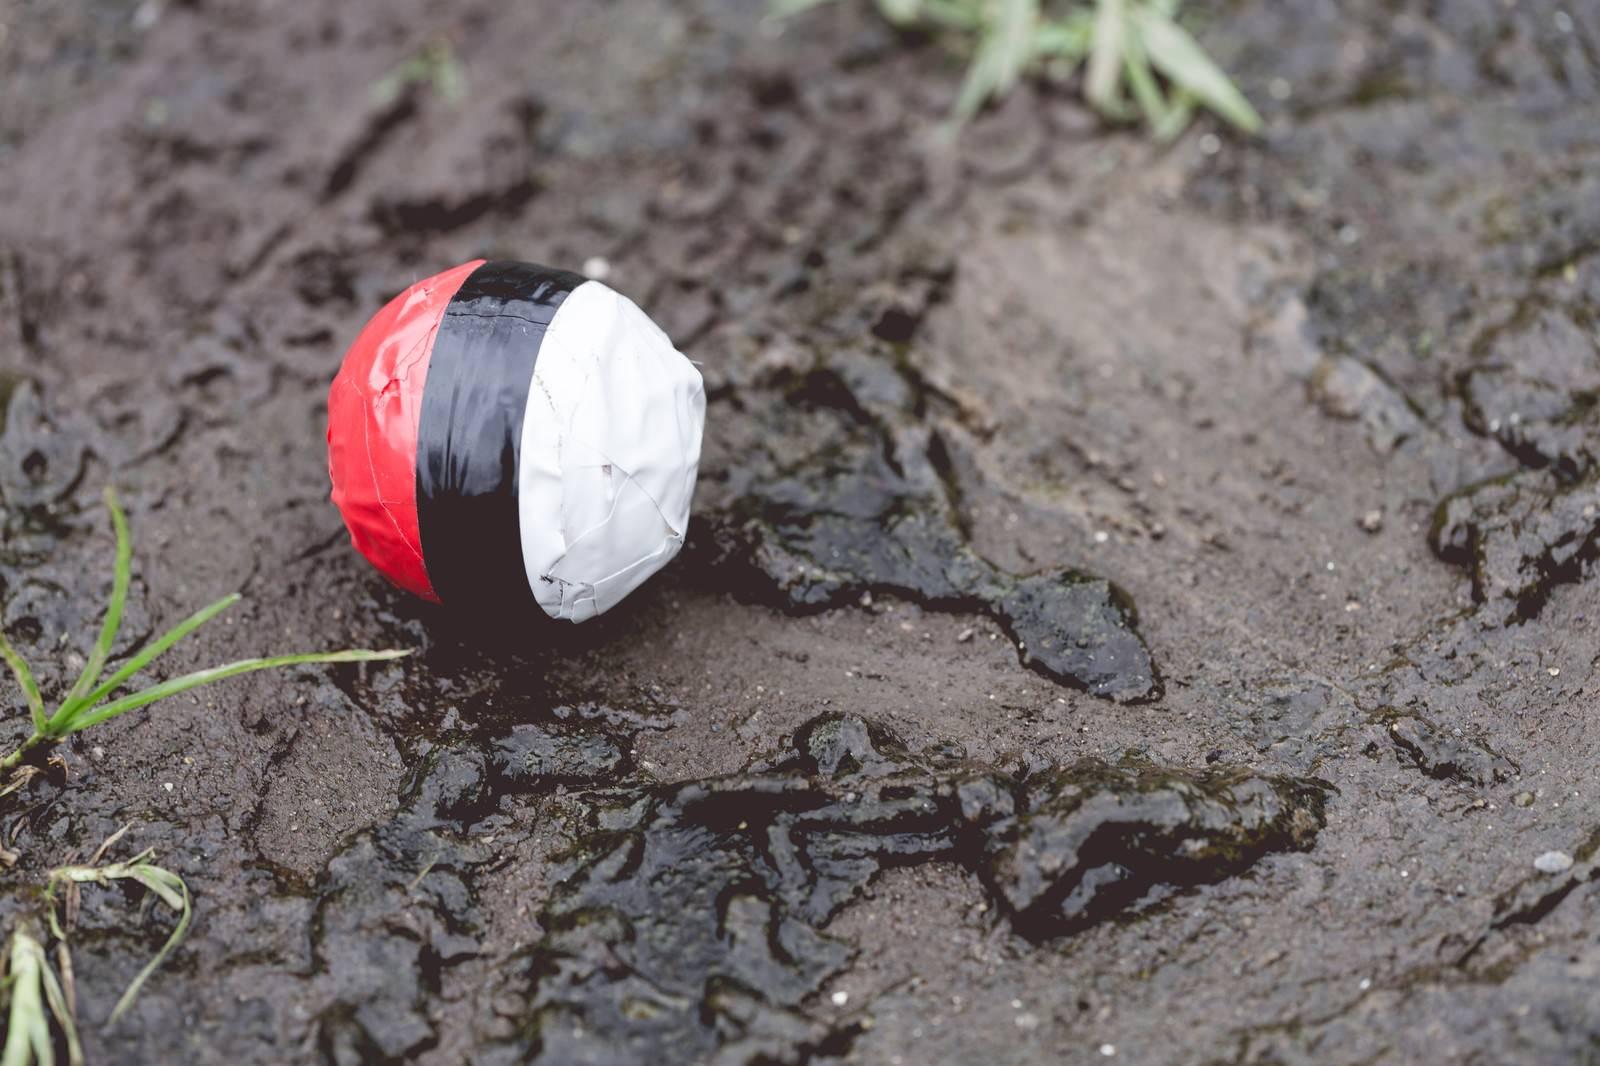 「水辺(泥)付近に落ちてた紅白ボール」の写真